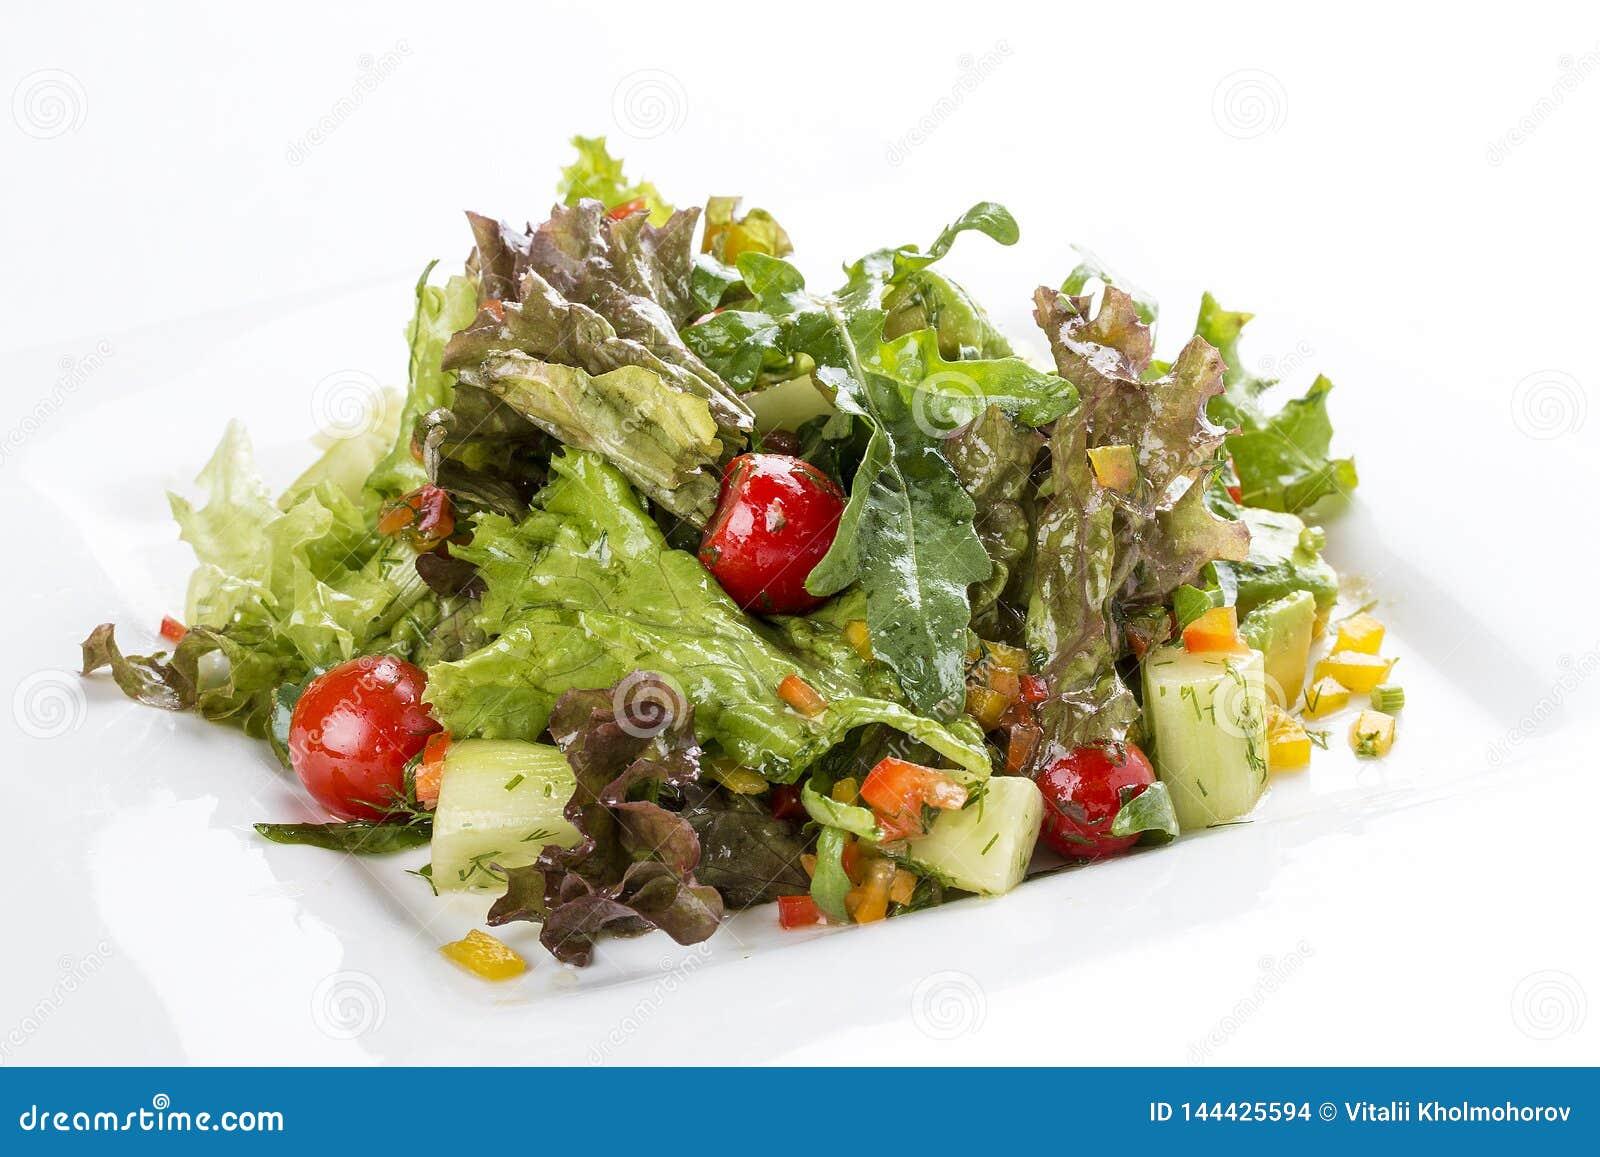 Sałatka z avocado i warzywami na białym talerzu